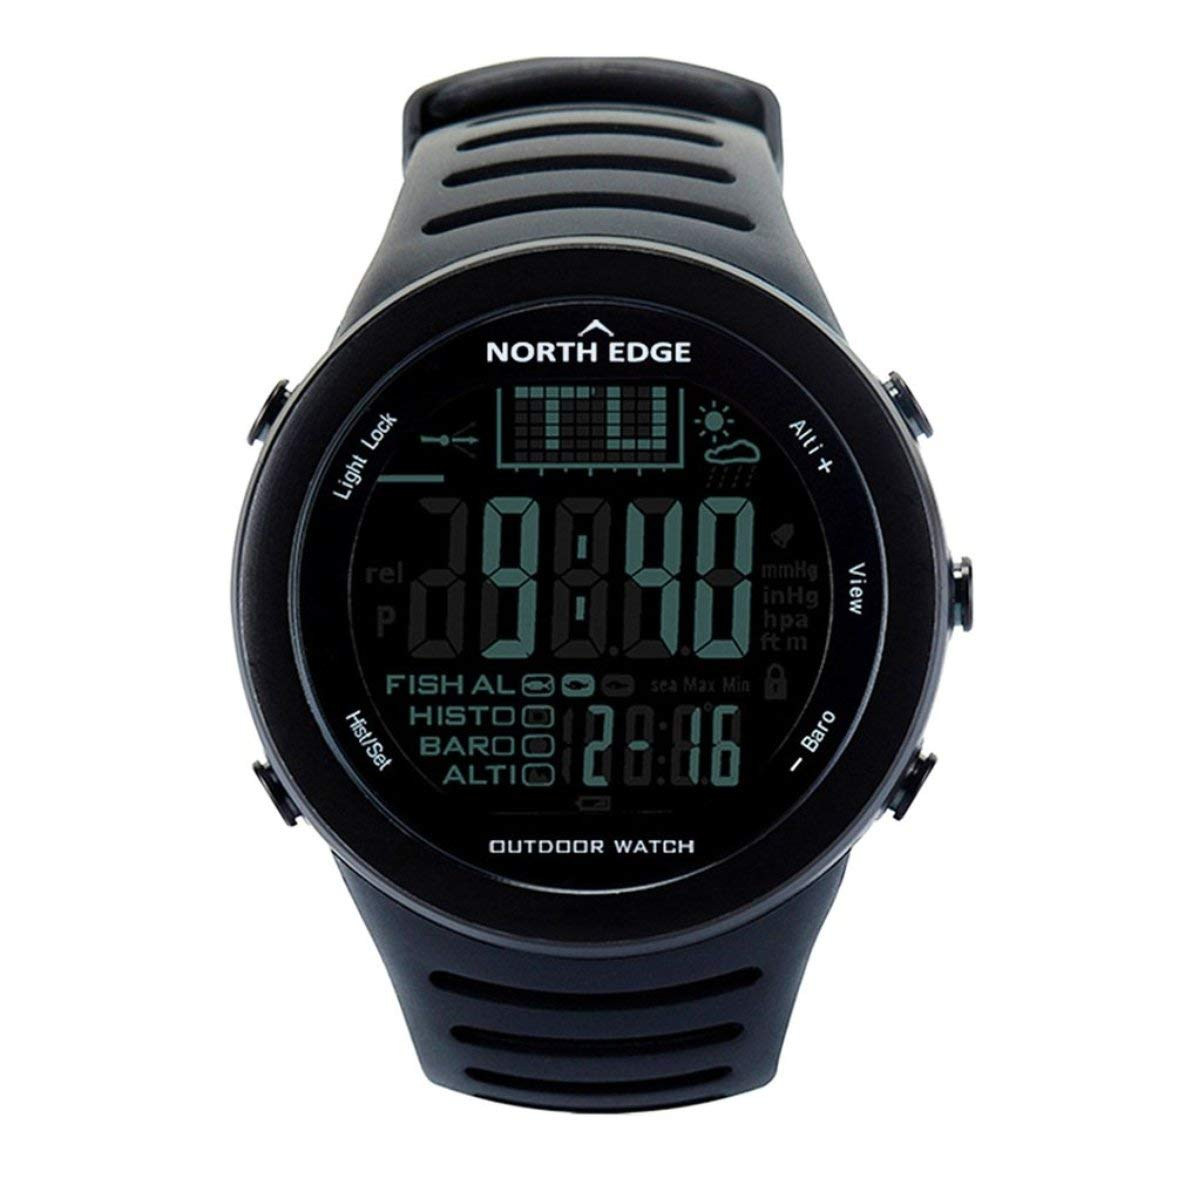 Moliies North Edge 720 Outdoor Angeln Uhr Höhenmesser Barometer Thermometer Männer Smart Digital Sportuhr Für Klettern Wandern